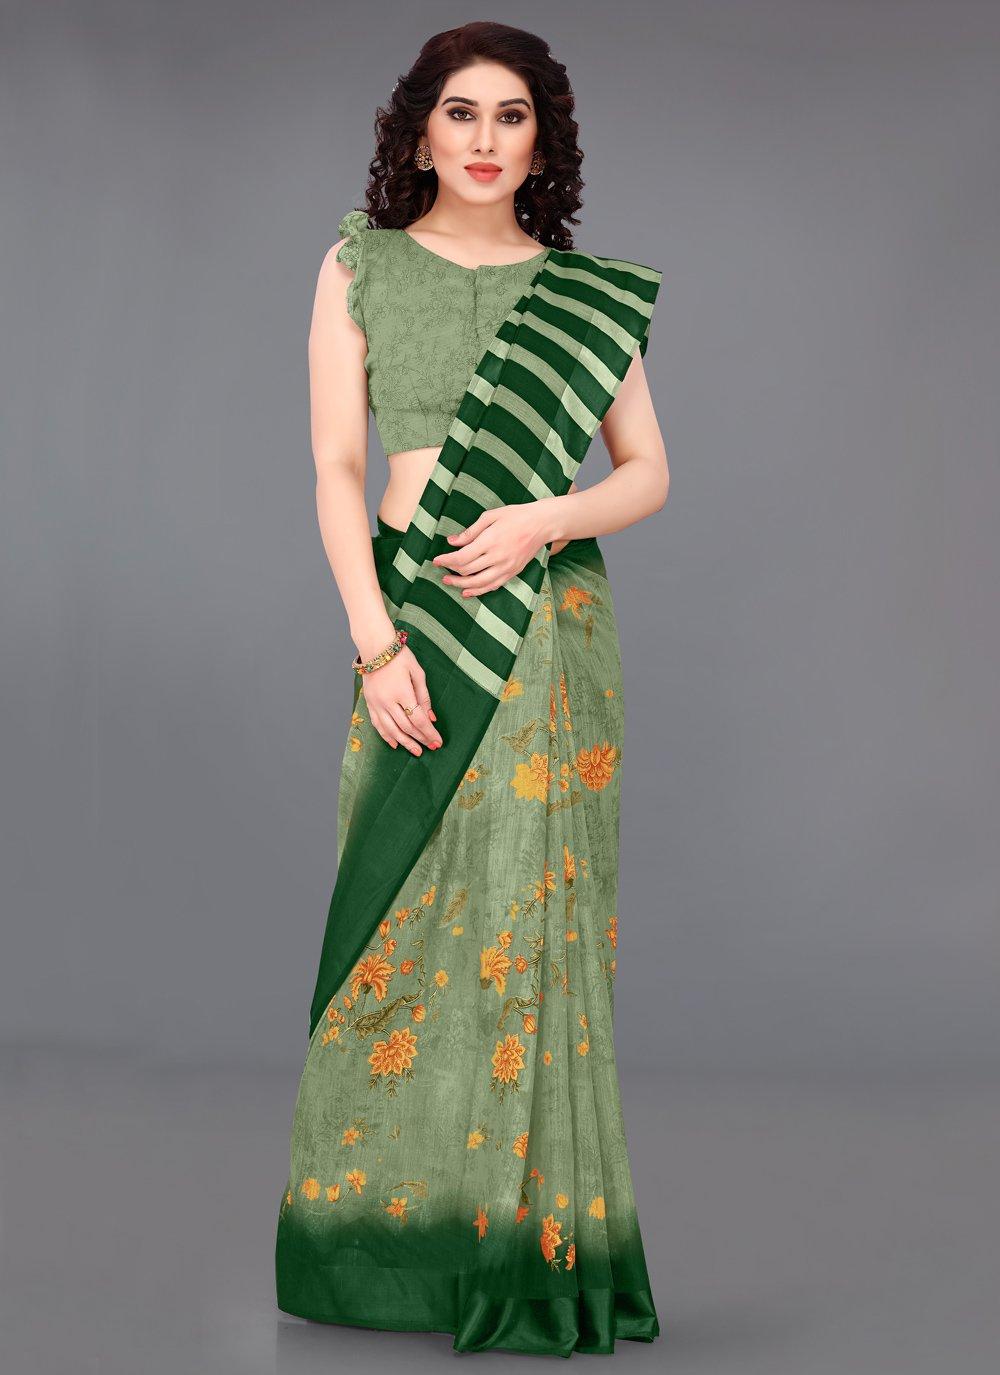 Abstract Print Green Cotton Printed Saree